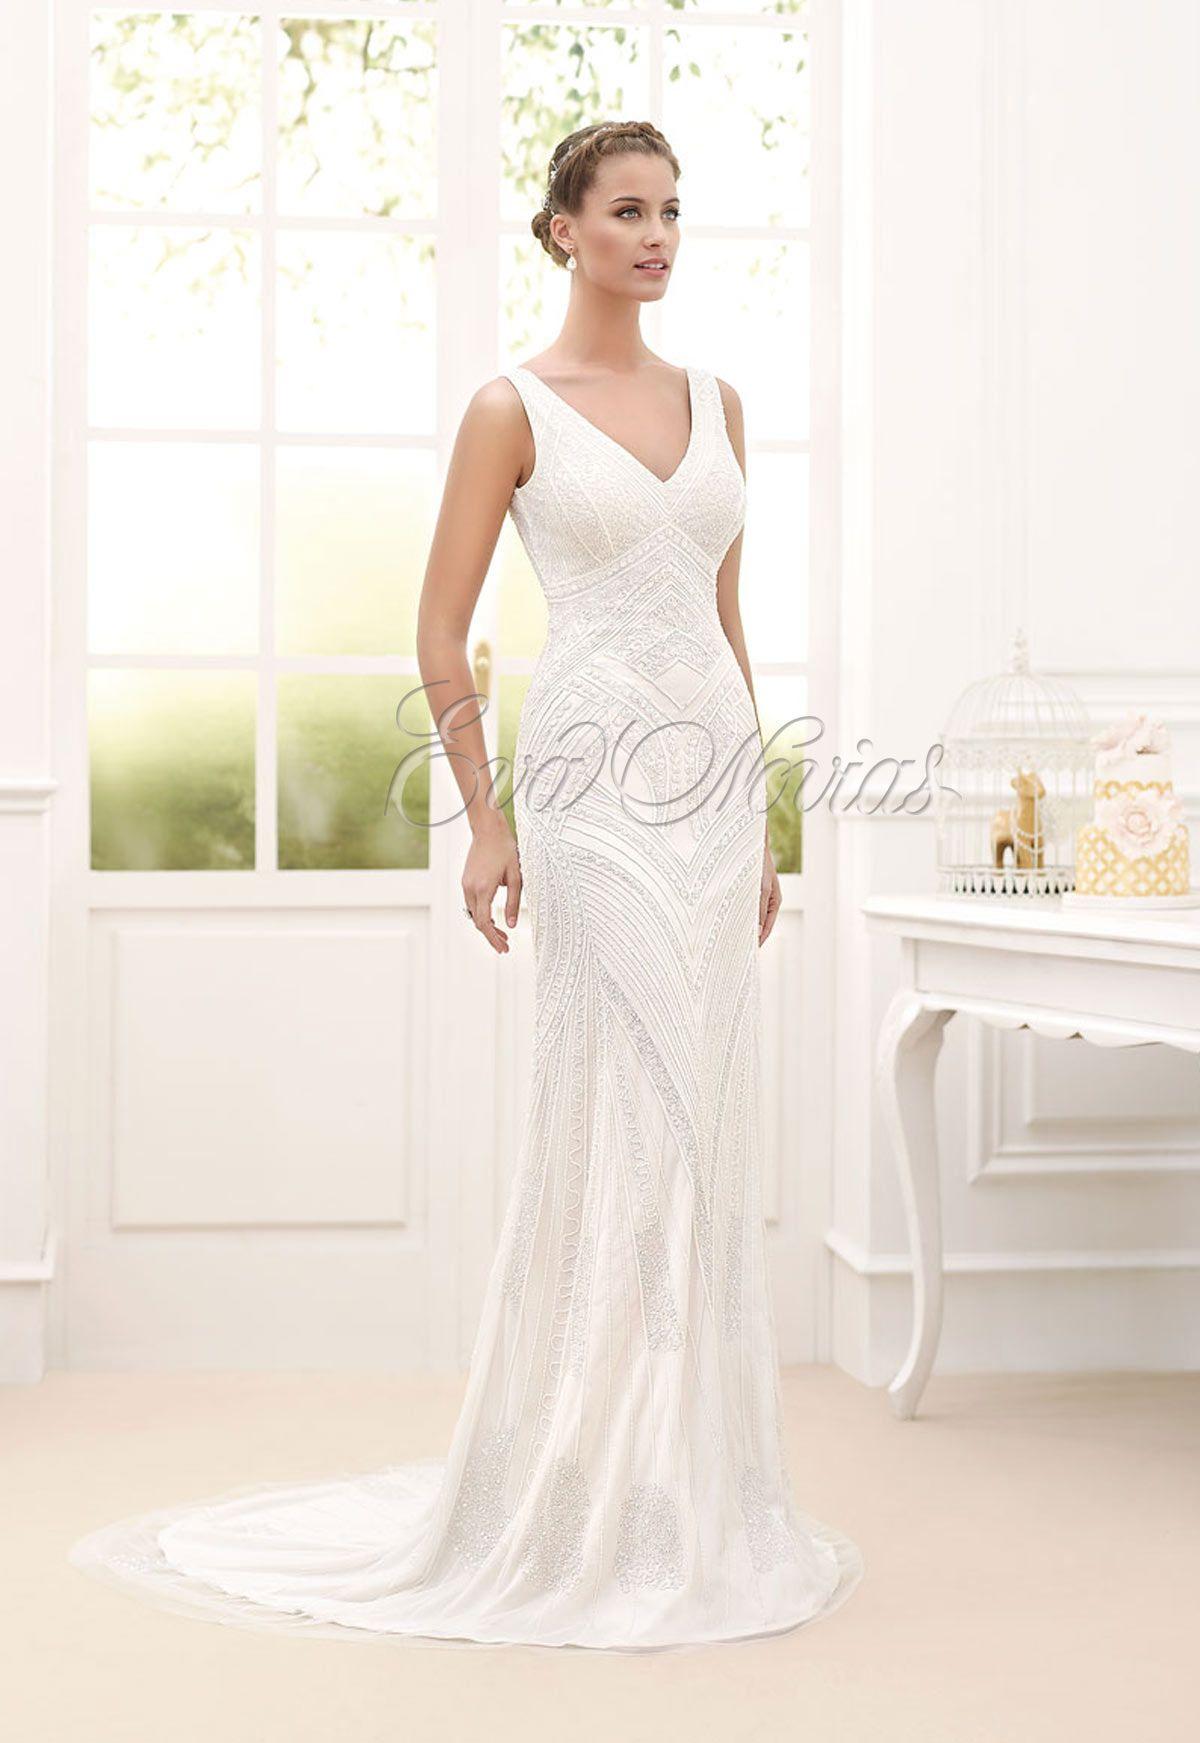 Vestidos de novia novia d'art